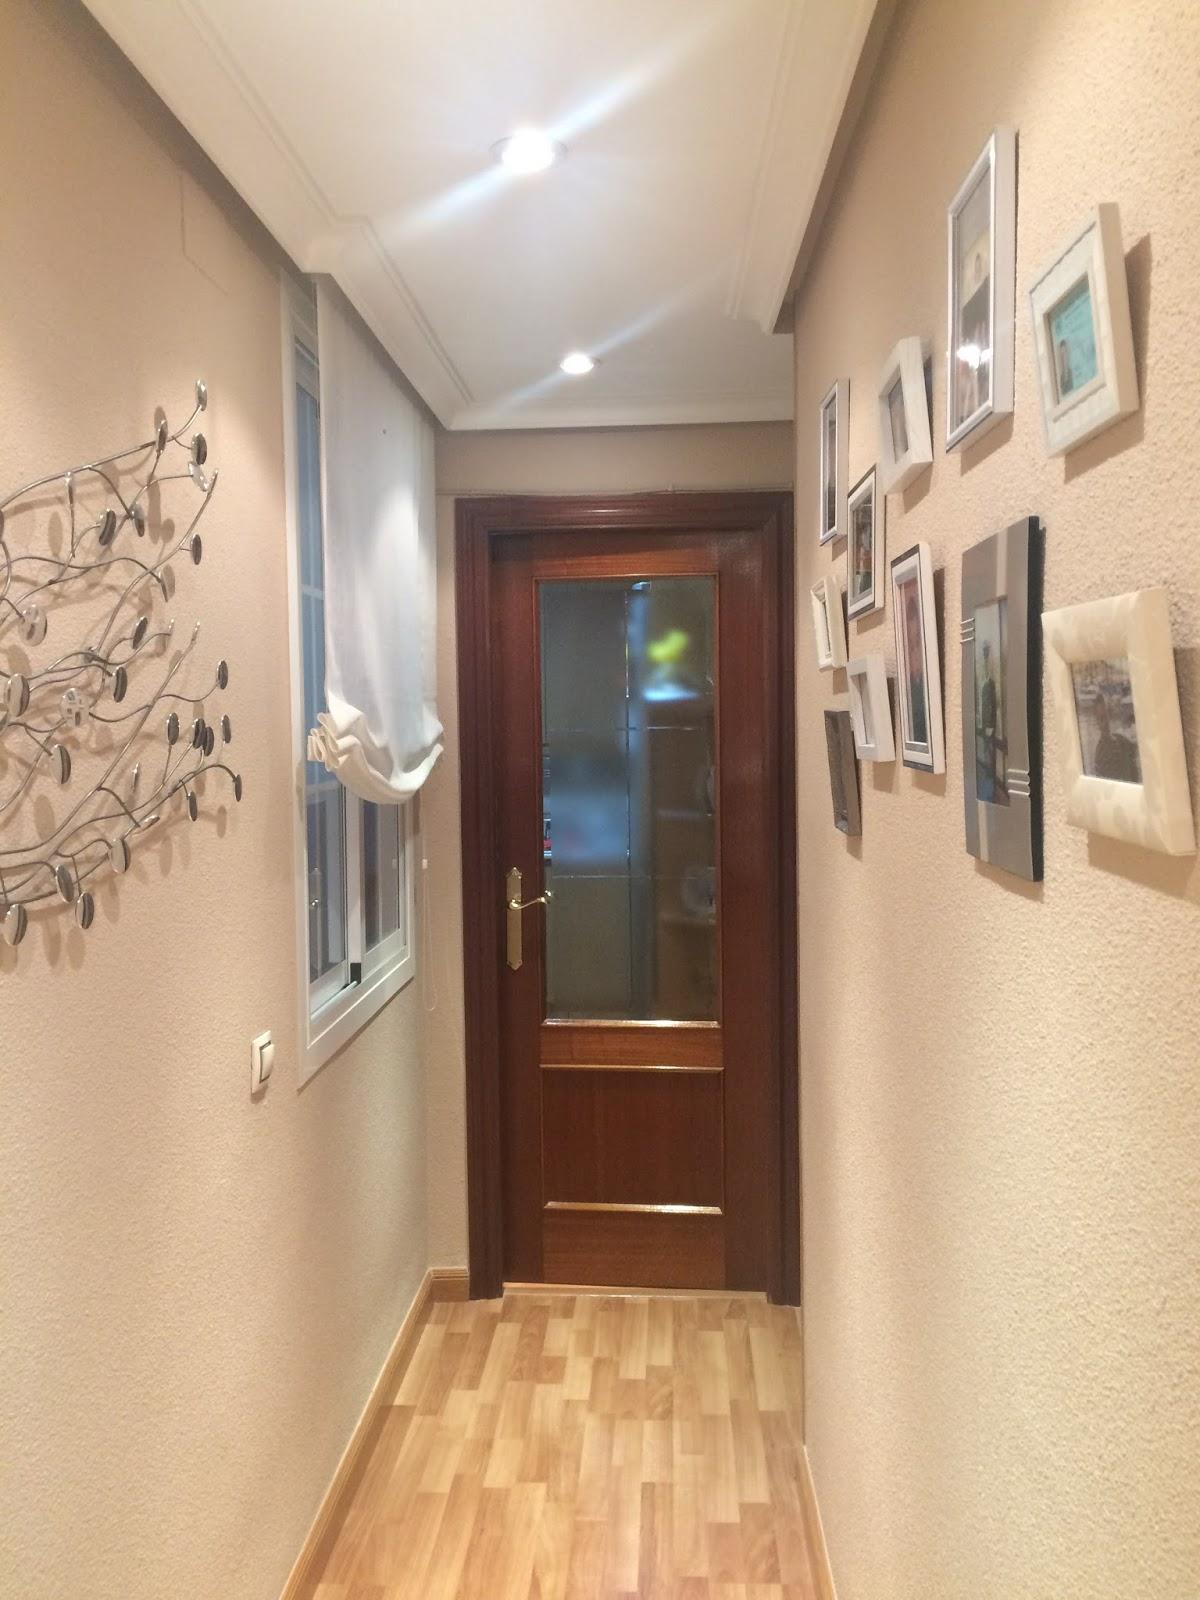 Home sita decor pintar puertas con pintura a la tiza sin - Limpiar puertas de sapeli ...